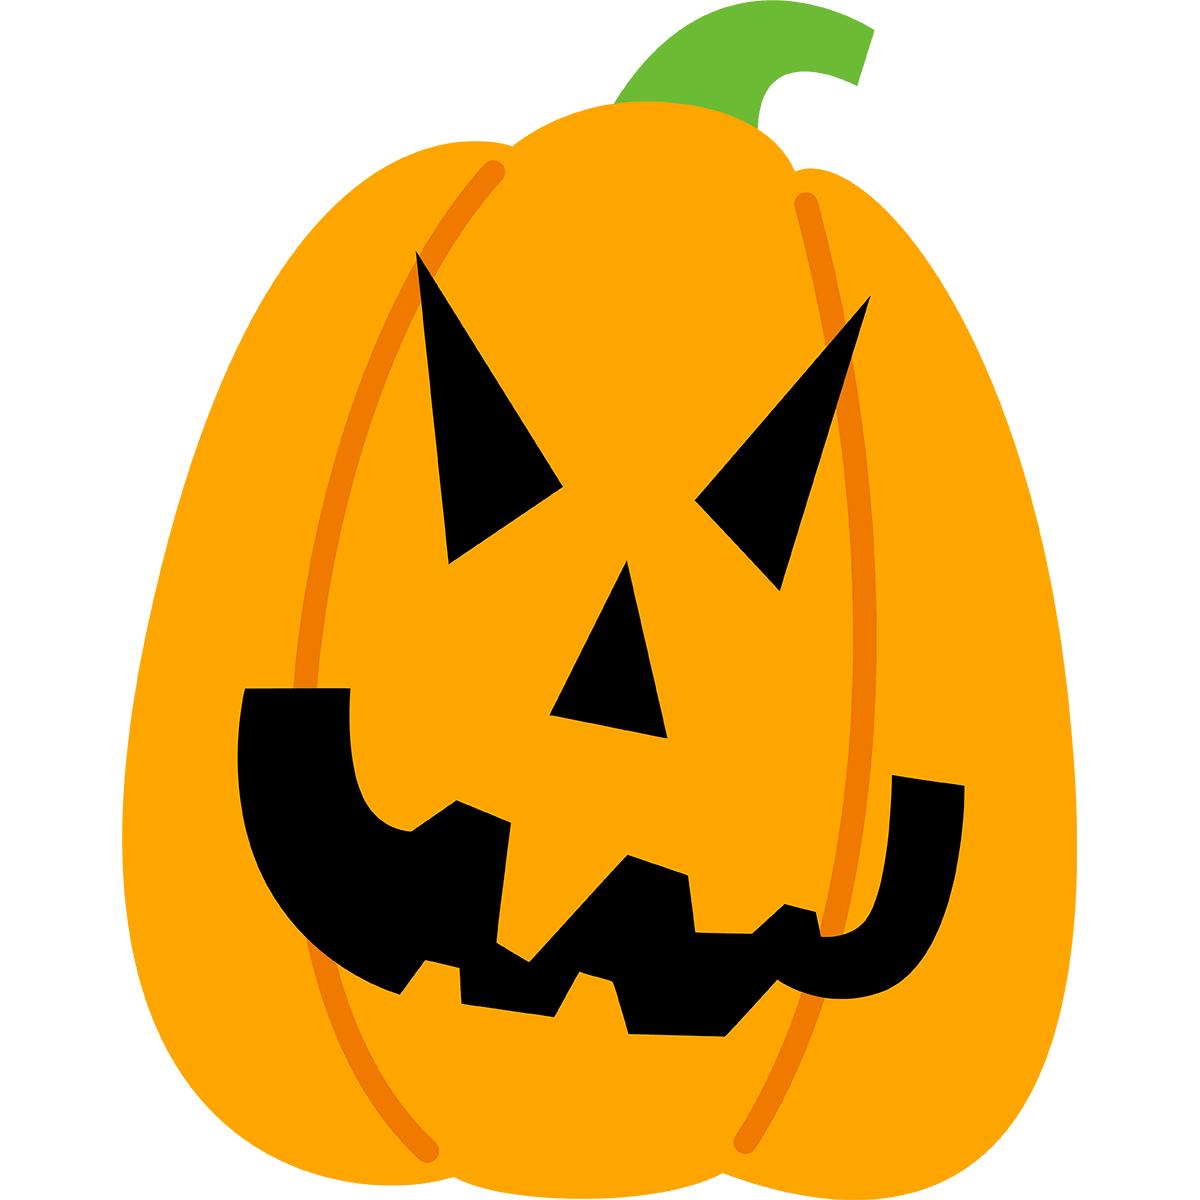 ハロウィンかぼちゃ(細型)の無料イラスト